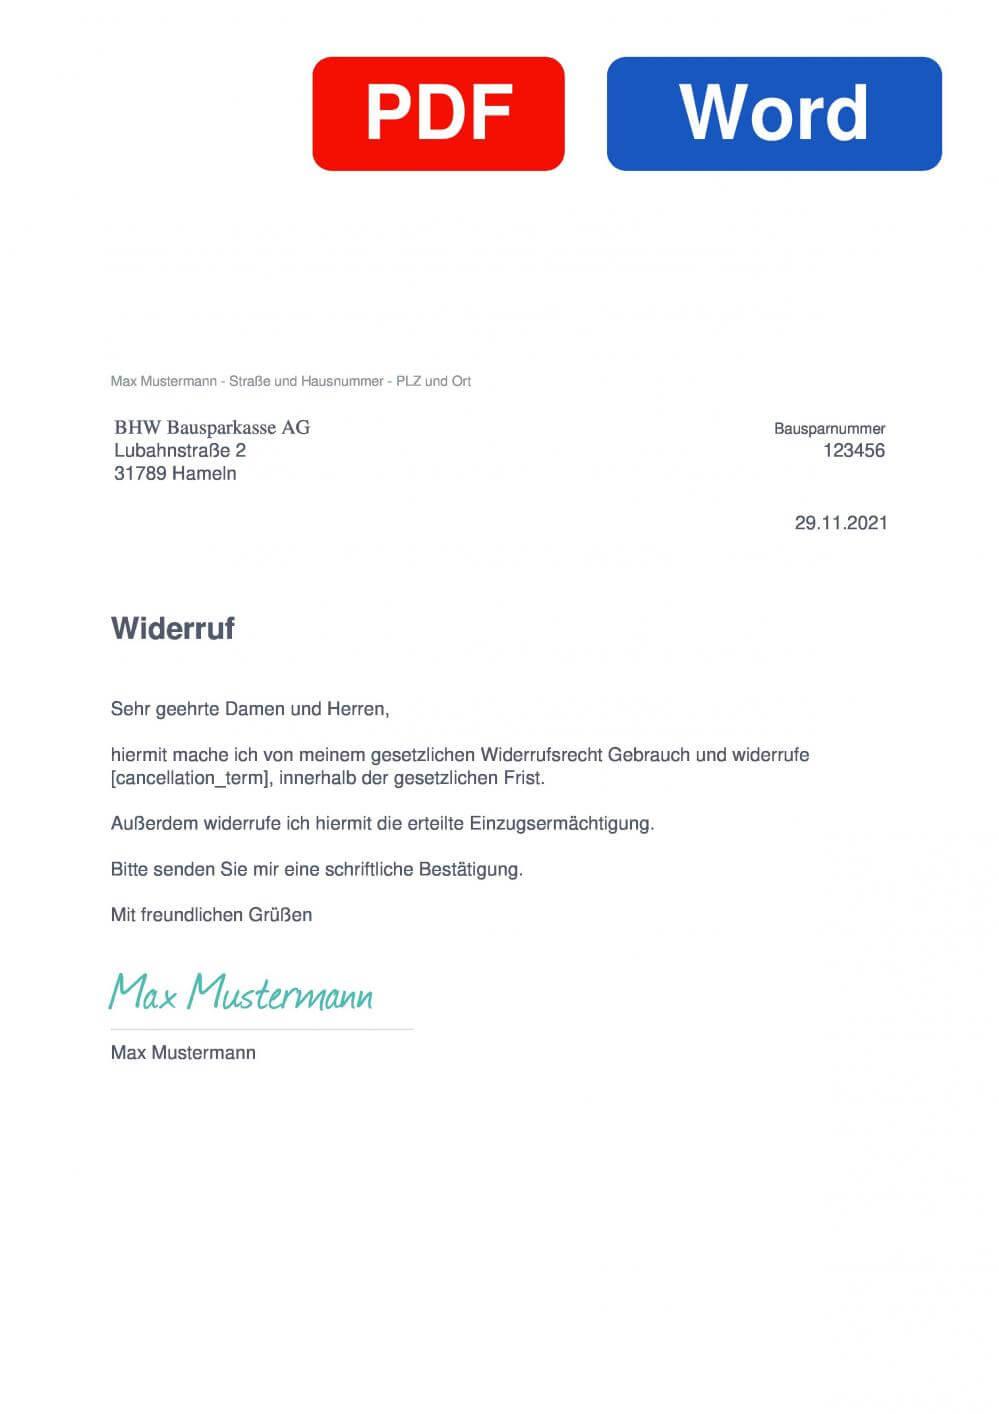 BHW Bausparkasse Muster Vorlage für Wiederrufsschreiben